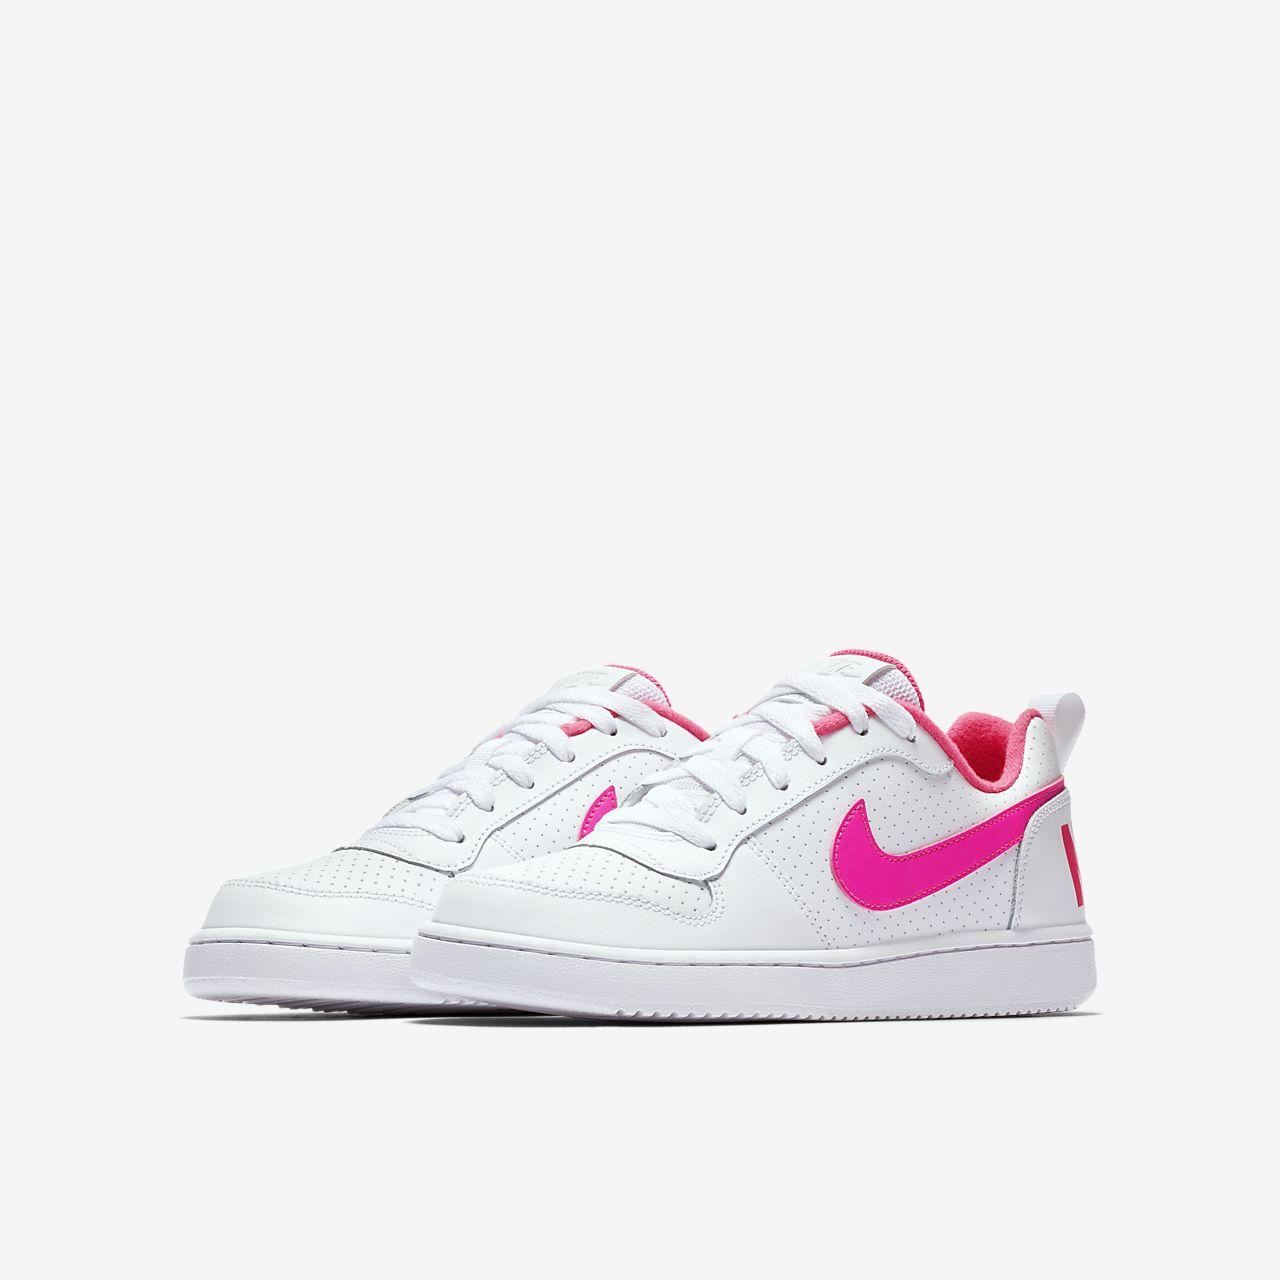 nike court borough low pink